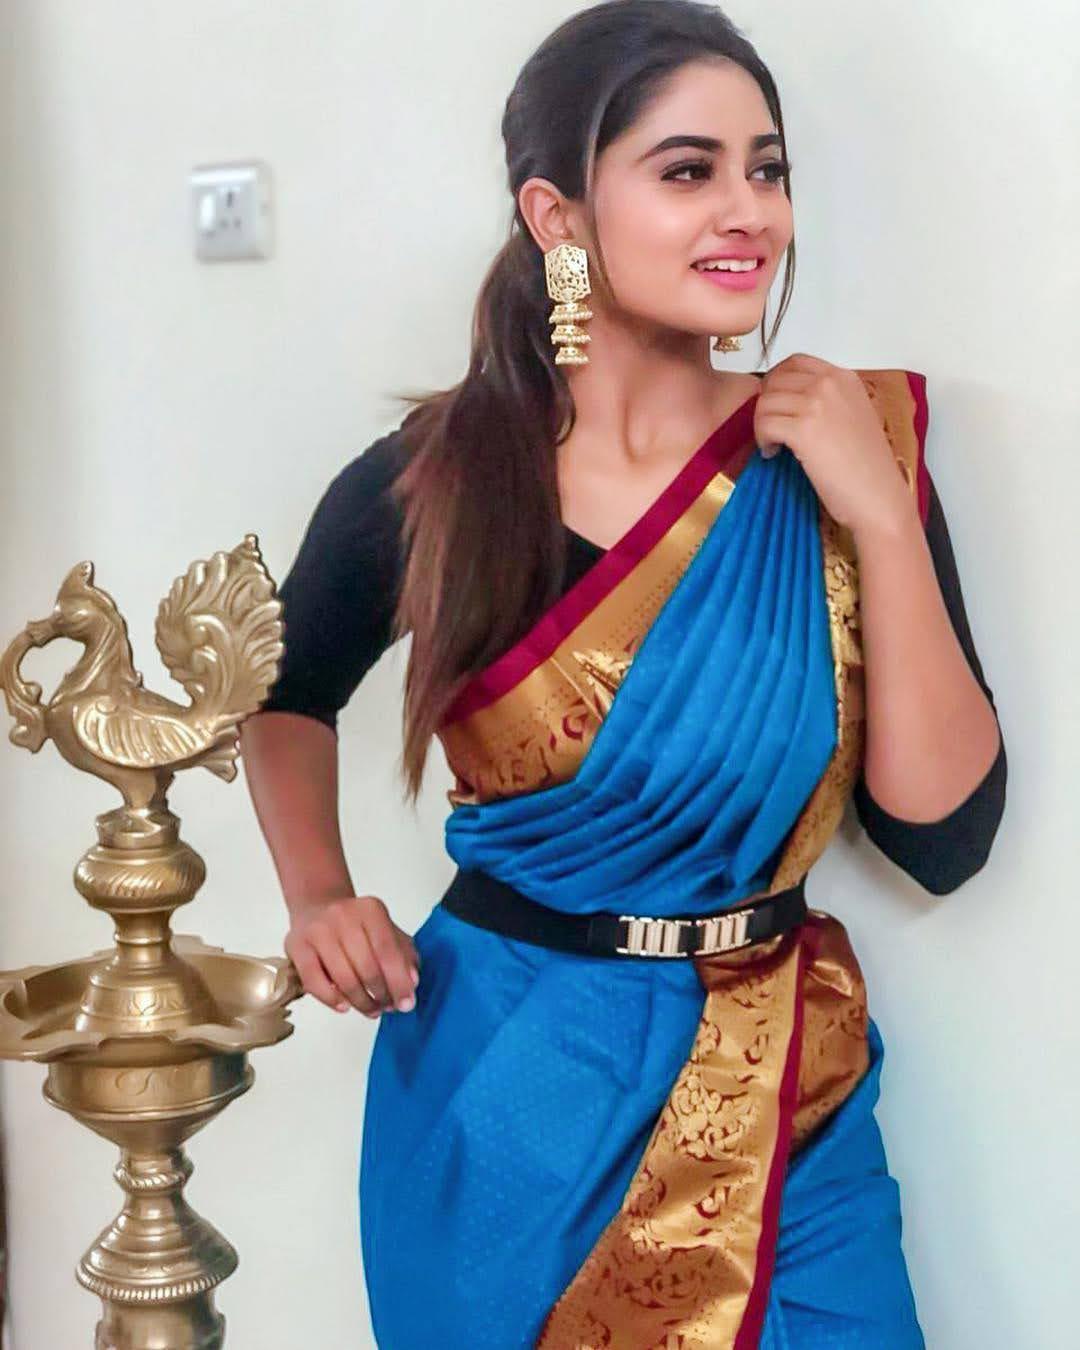 shivani_narayanan_515113262